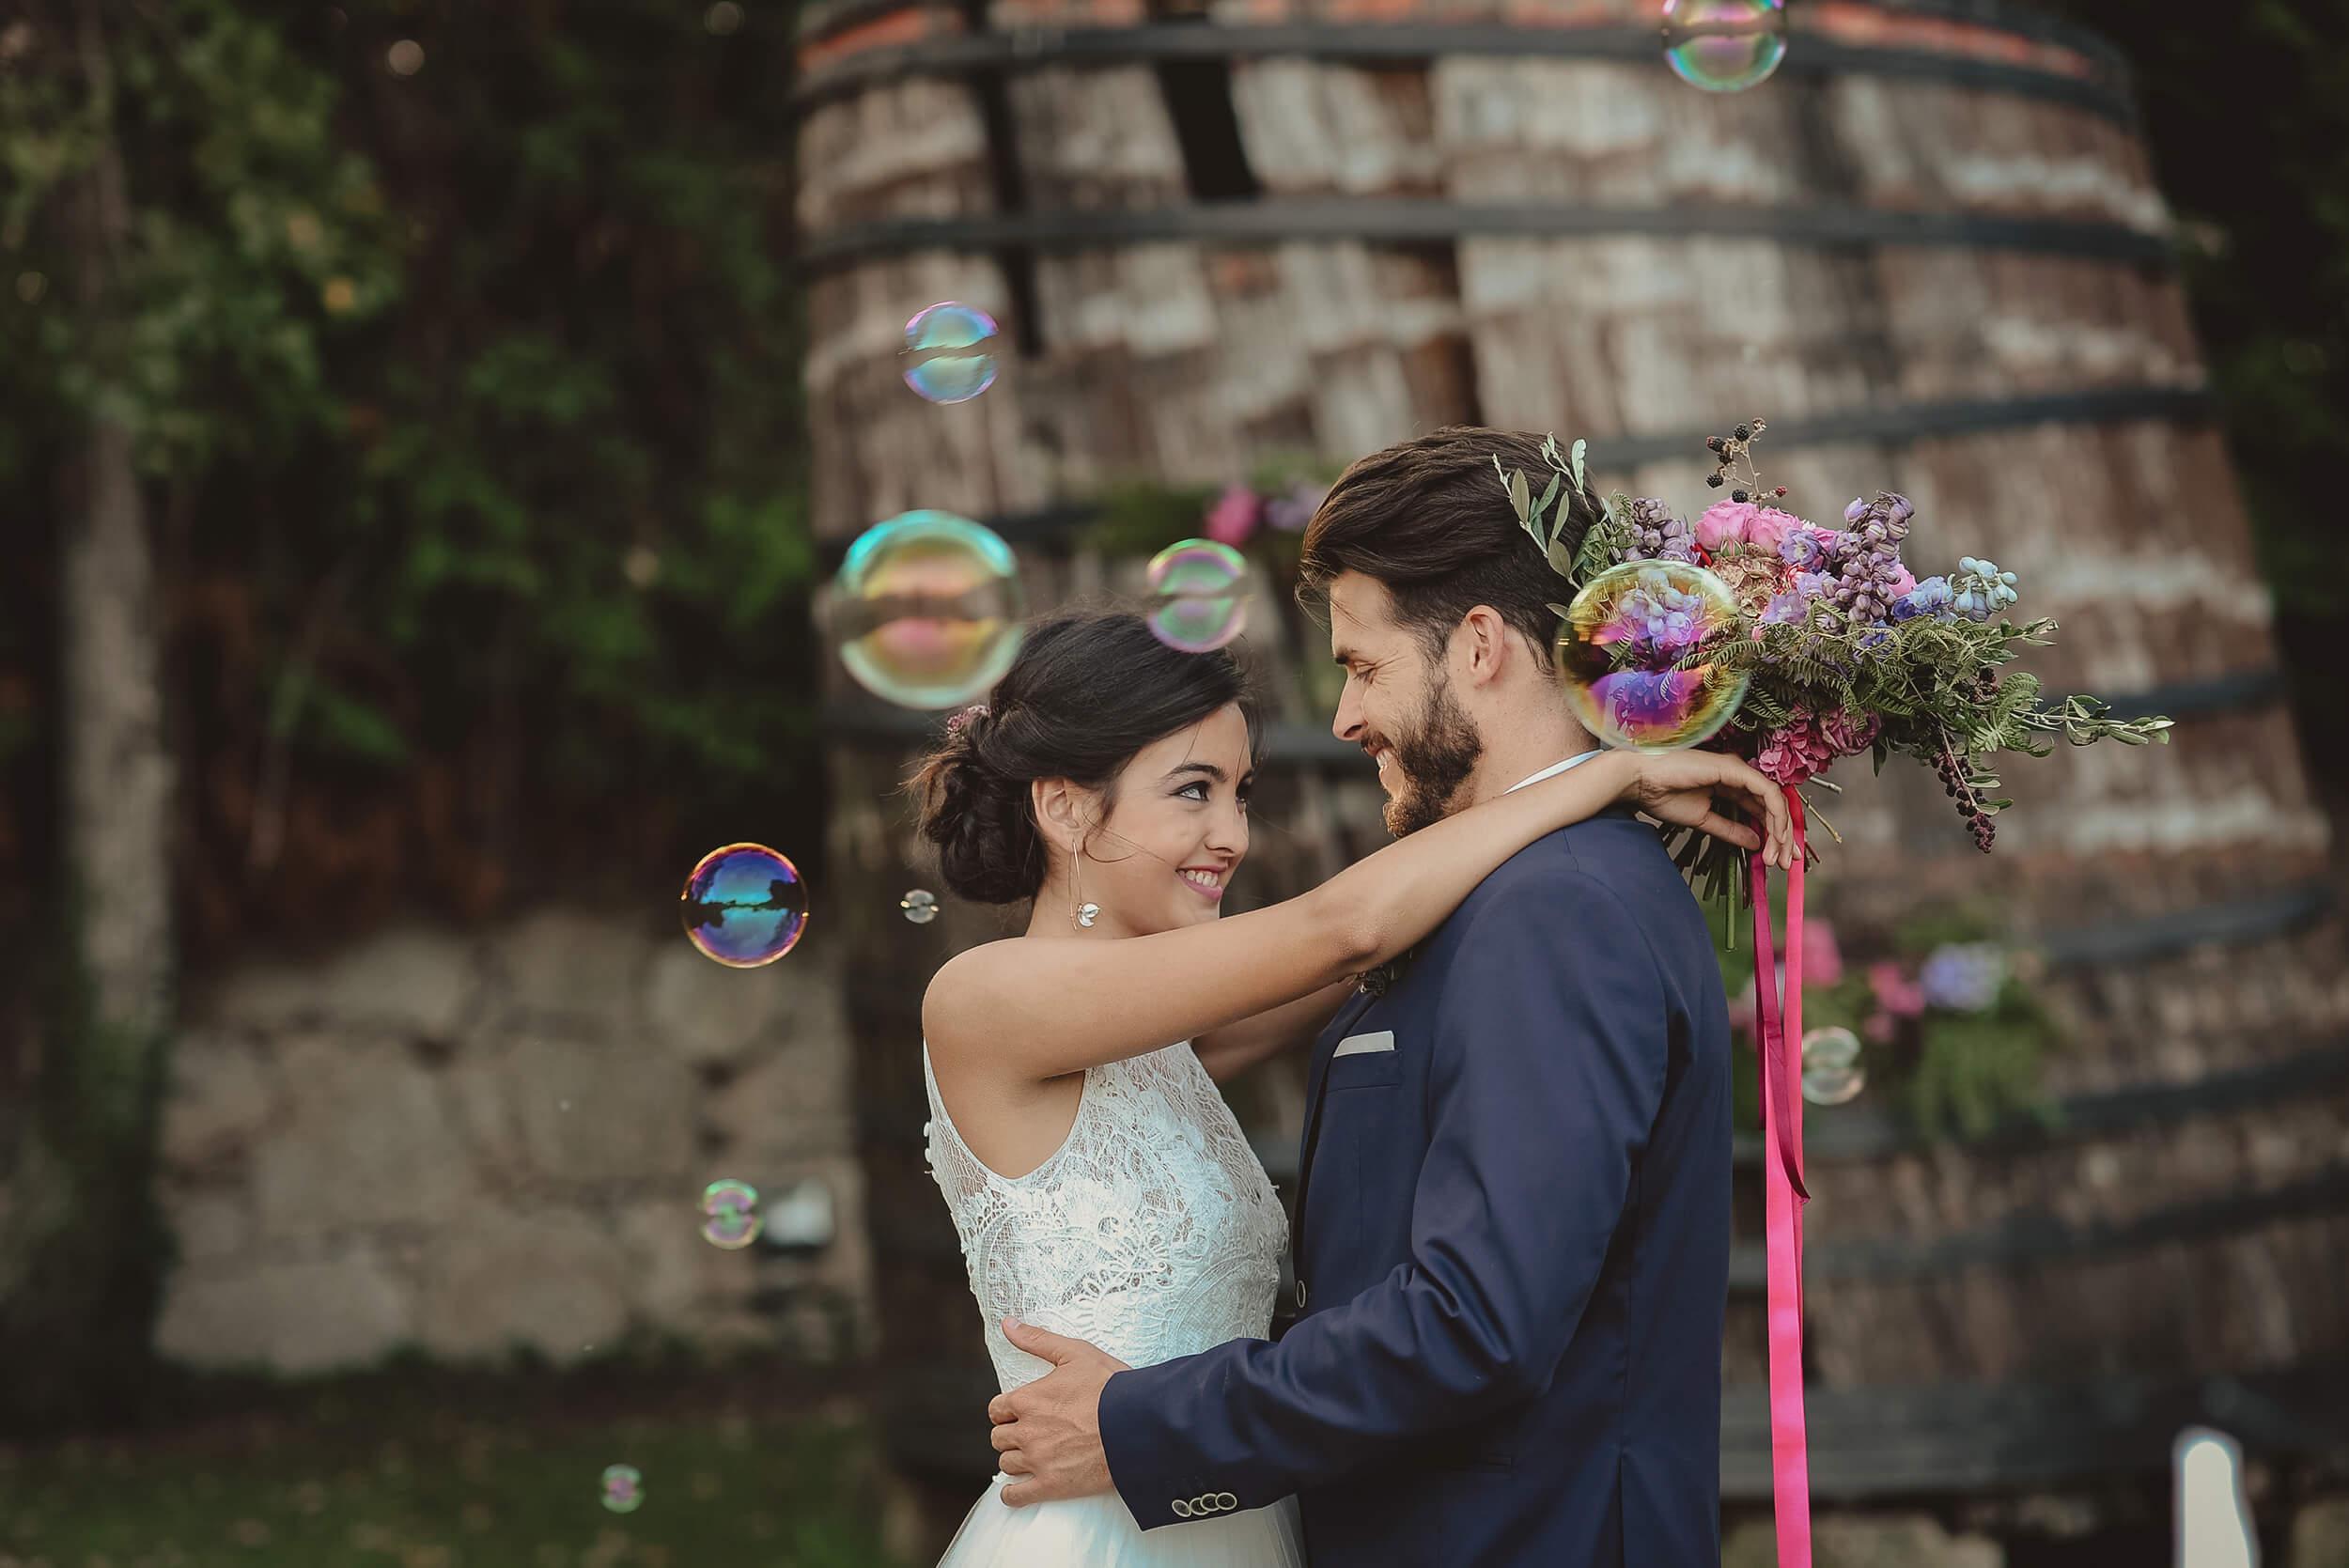 roma-organizacao-eventos-editorial-casamento-colorful-wedding-48